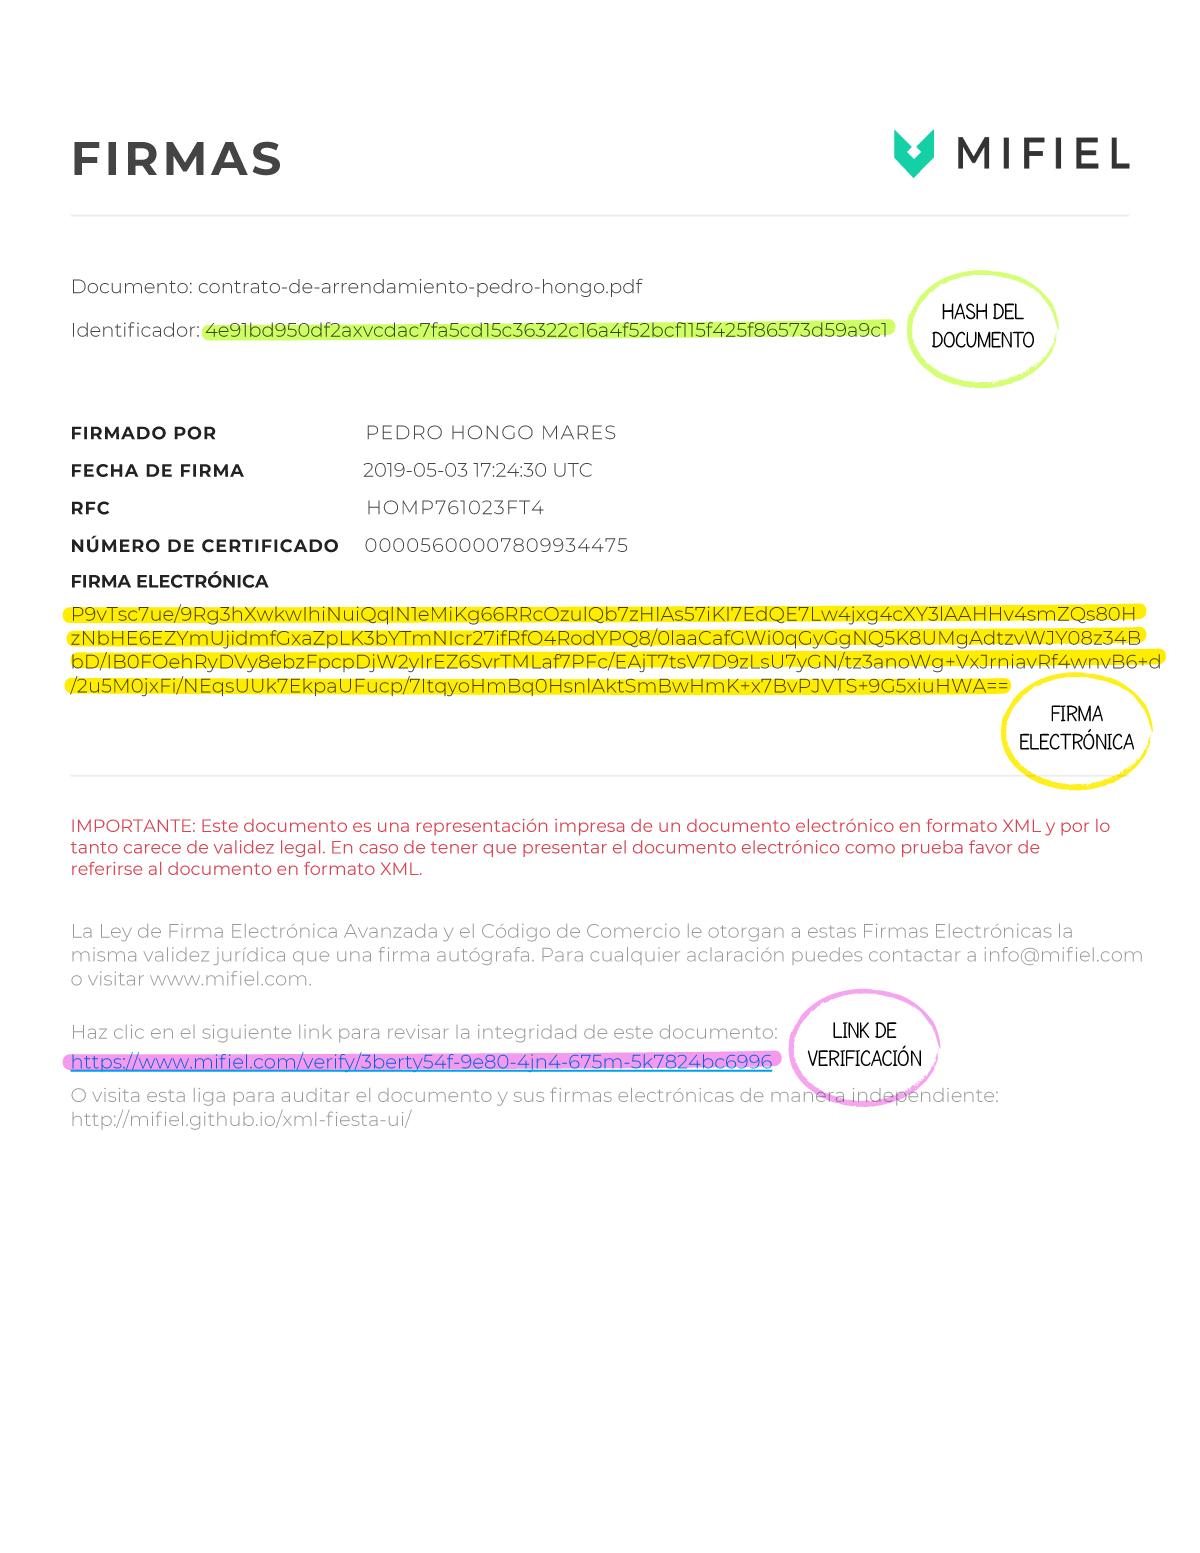 Hoja de firmas en Mifiel señalando elementos de la firma electrónica.